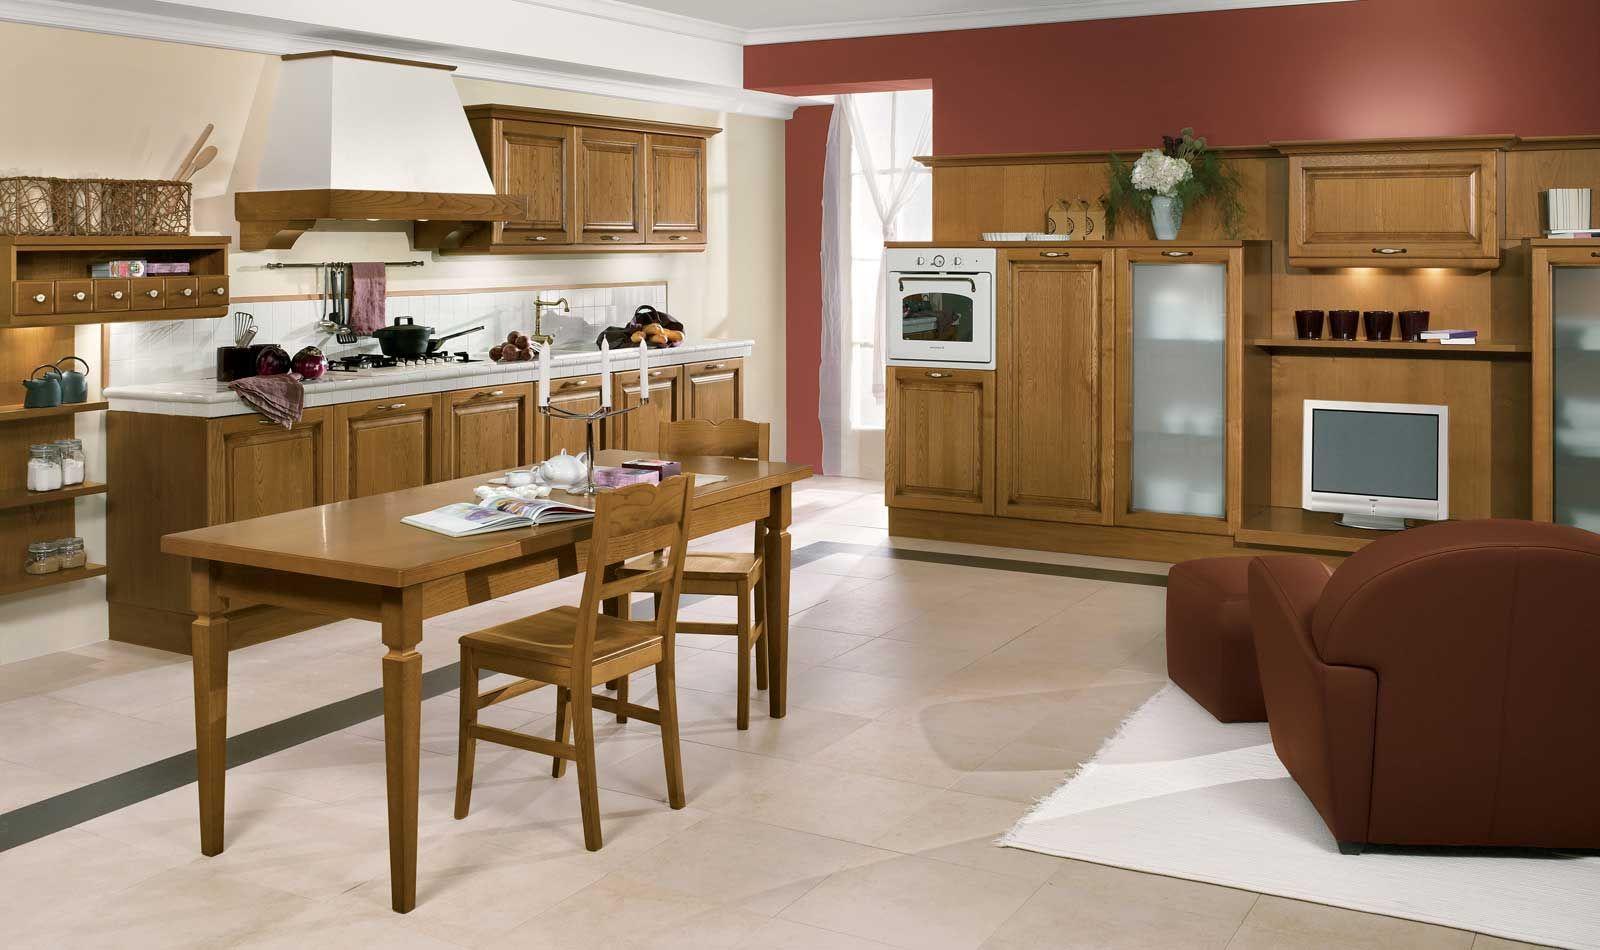 Arredo Cucine Moderne Cucine Classiche Cucina Cucine Cucine  #3F2714 1600 950 Produttori Di Cucine Classiche